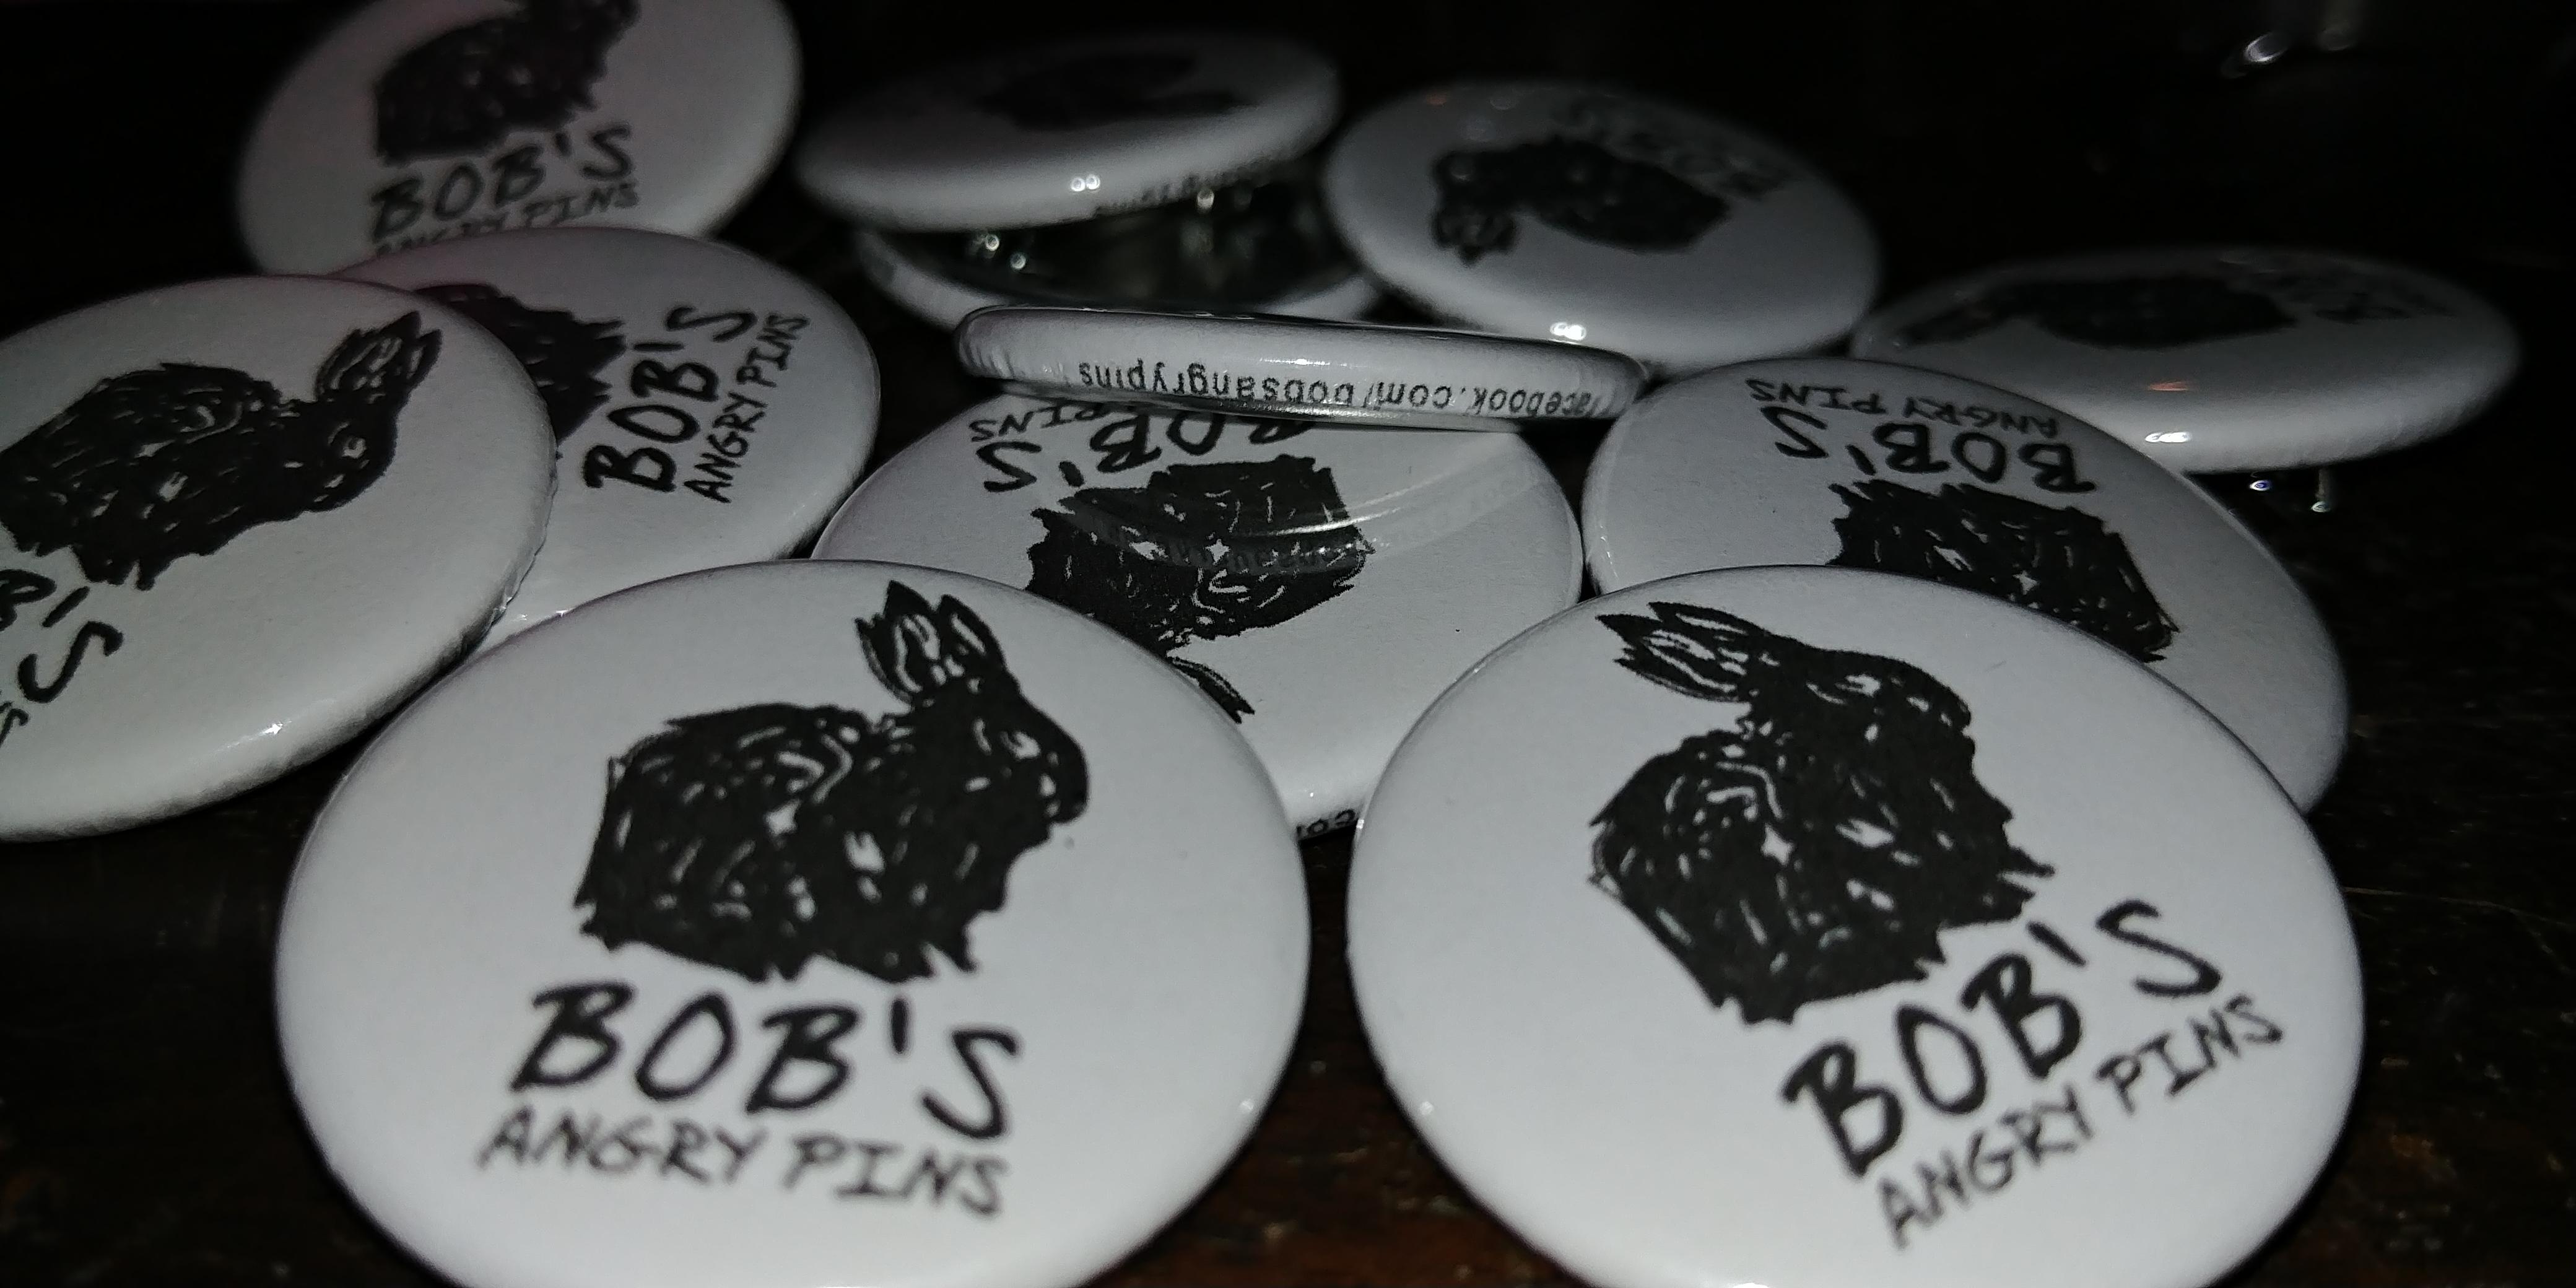 BOB'S ANGRY PINS